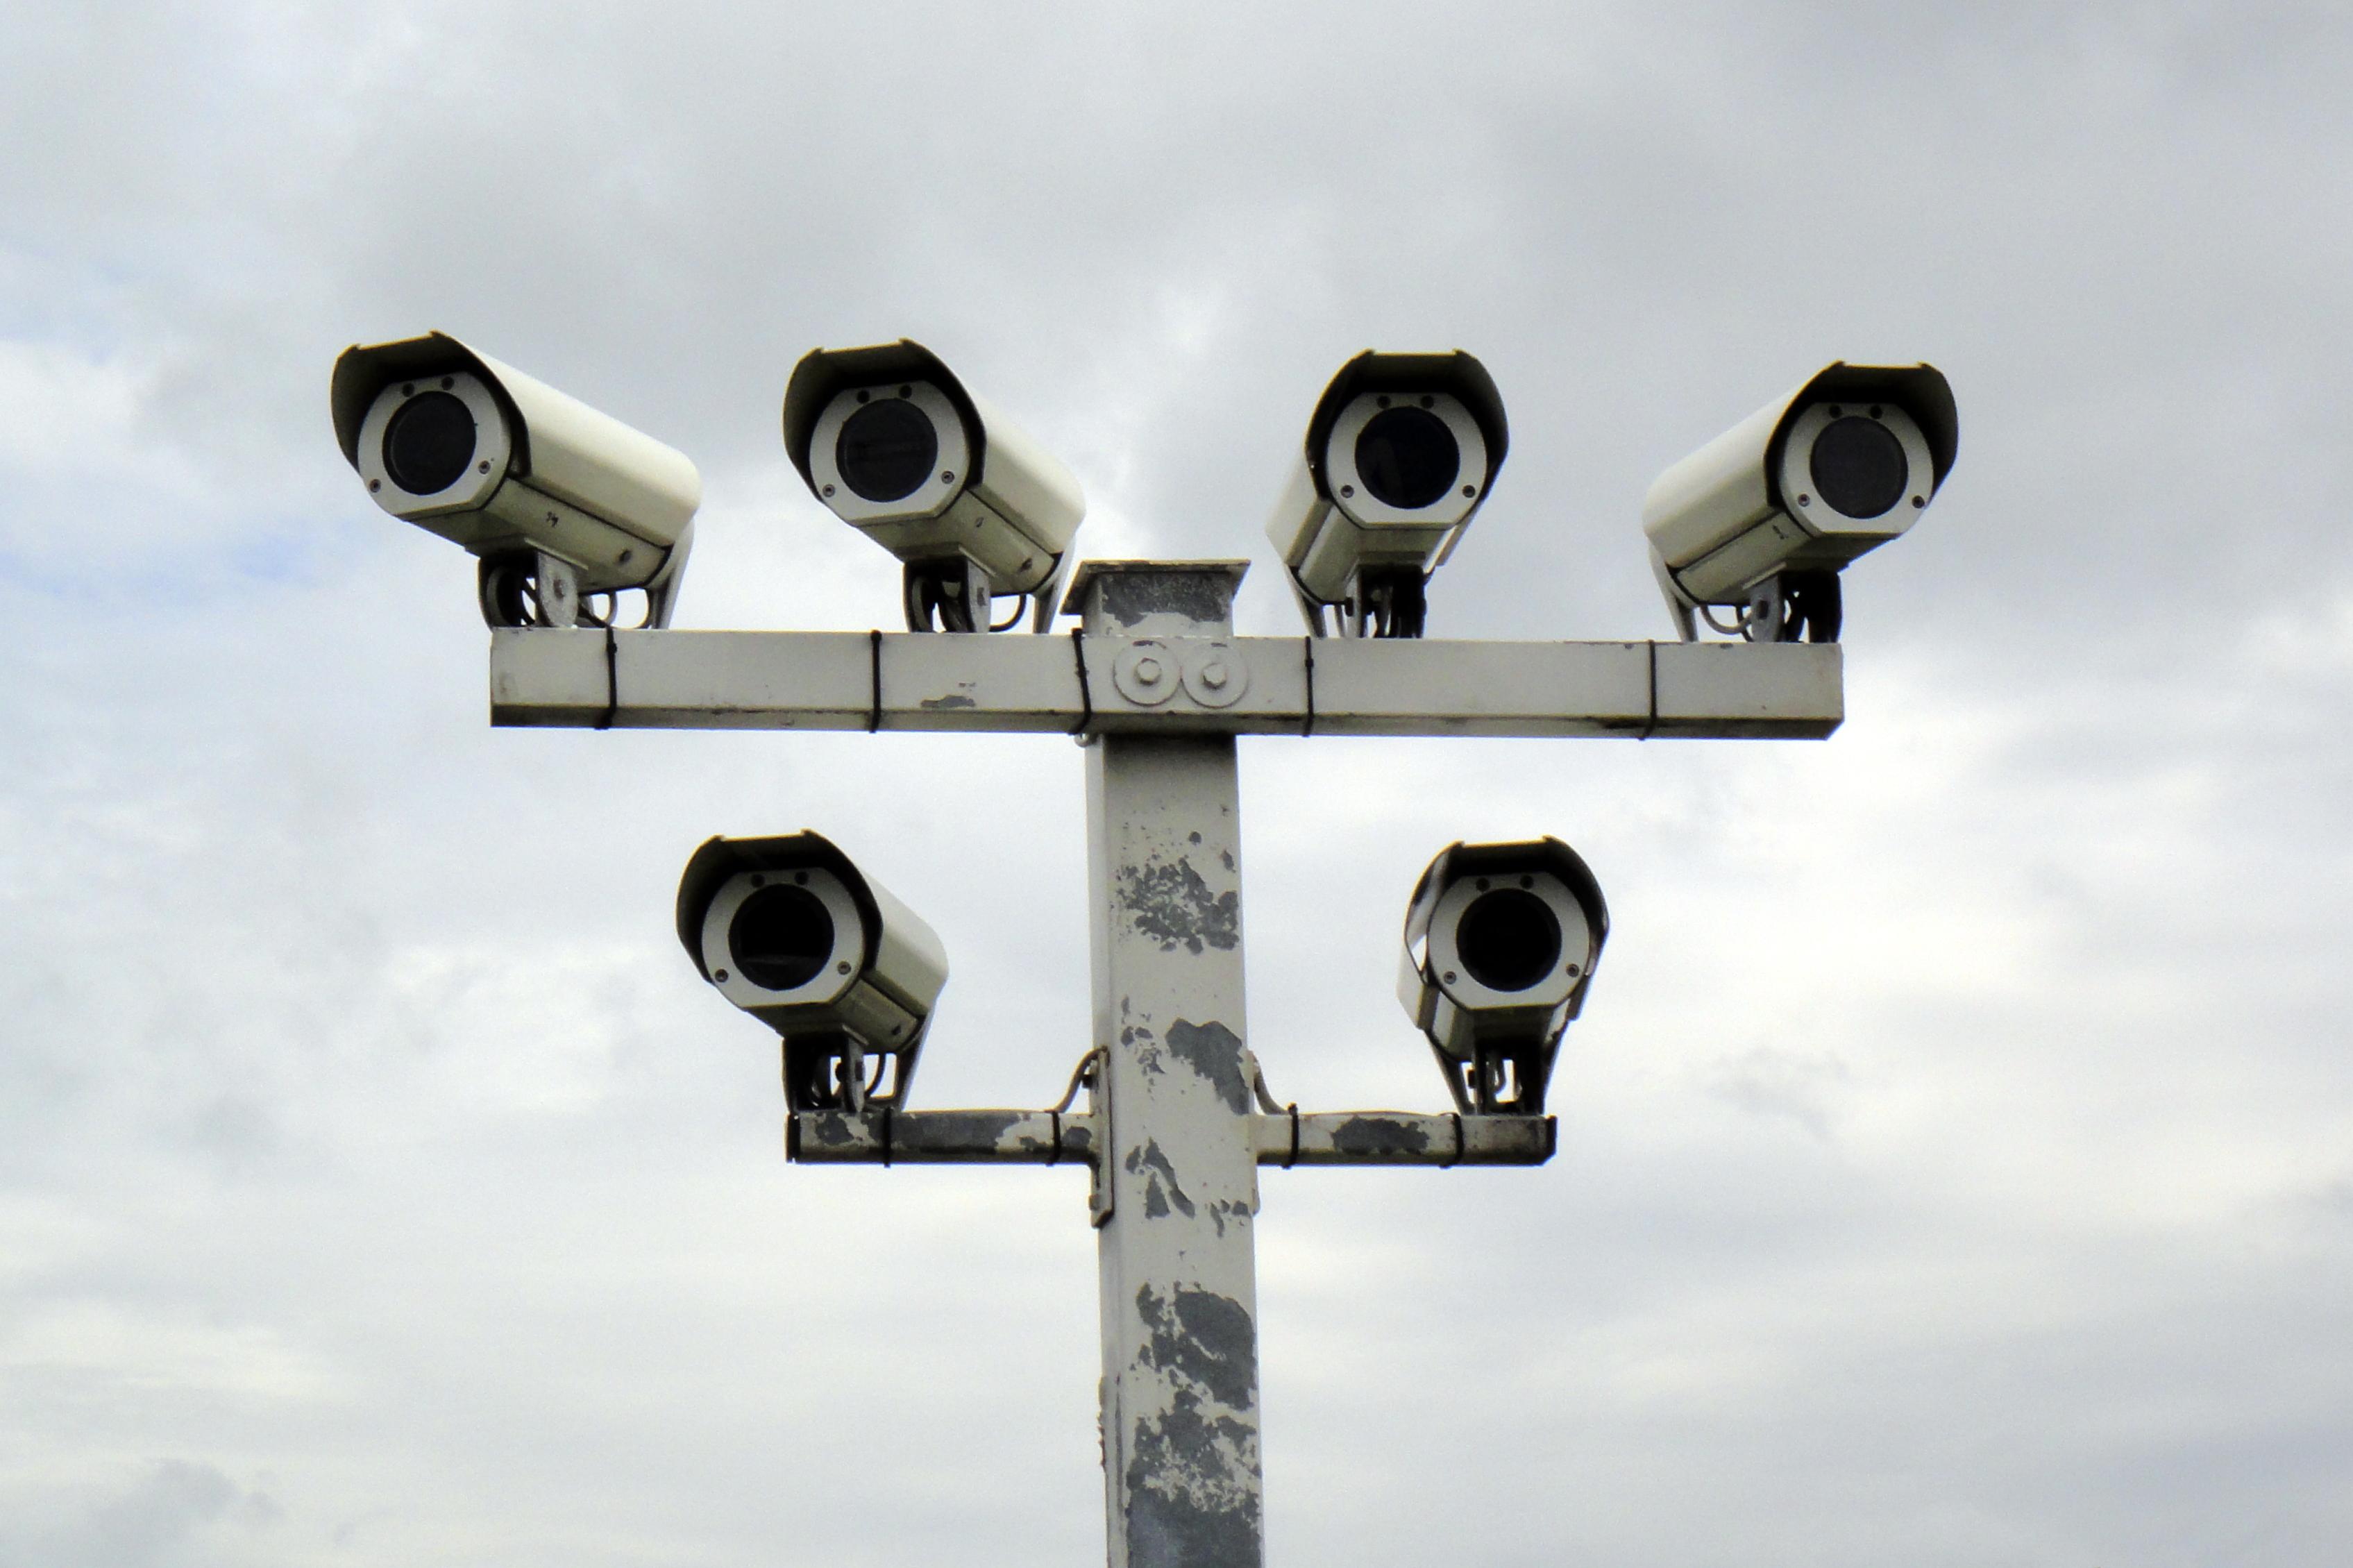 """Die USA bauen die Überwachung des öffentlichen Raums """"massiv"""" mit Hilfe von Kameras und Mikrofonen aus. Quelle: Wikipedia, Lizenz: CC BY 3.0"""